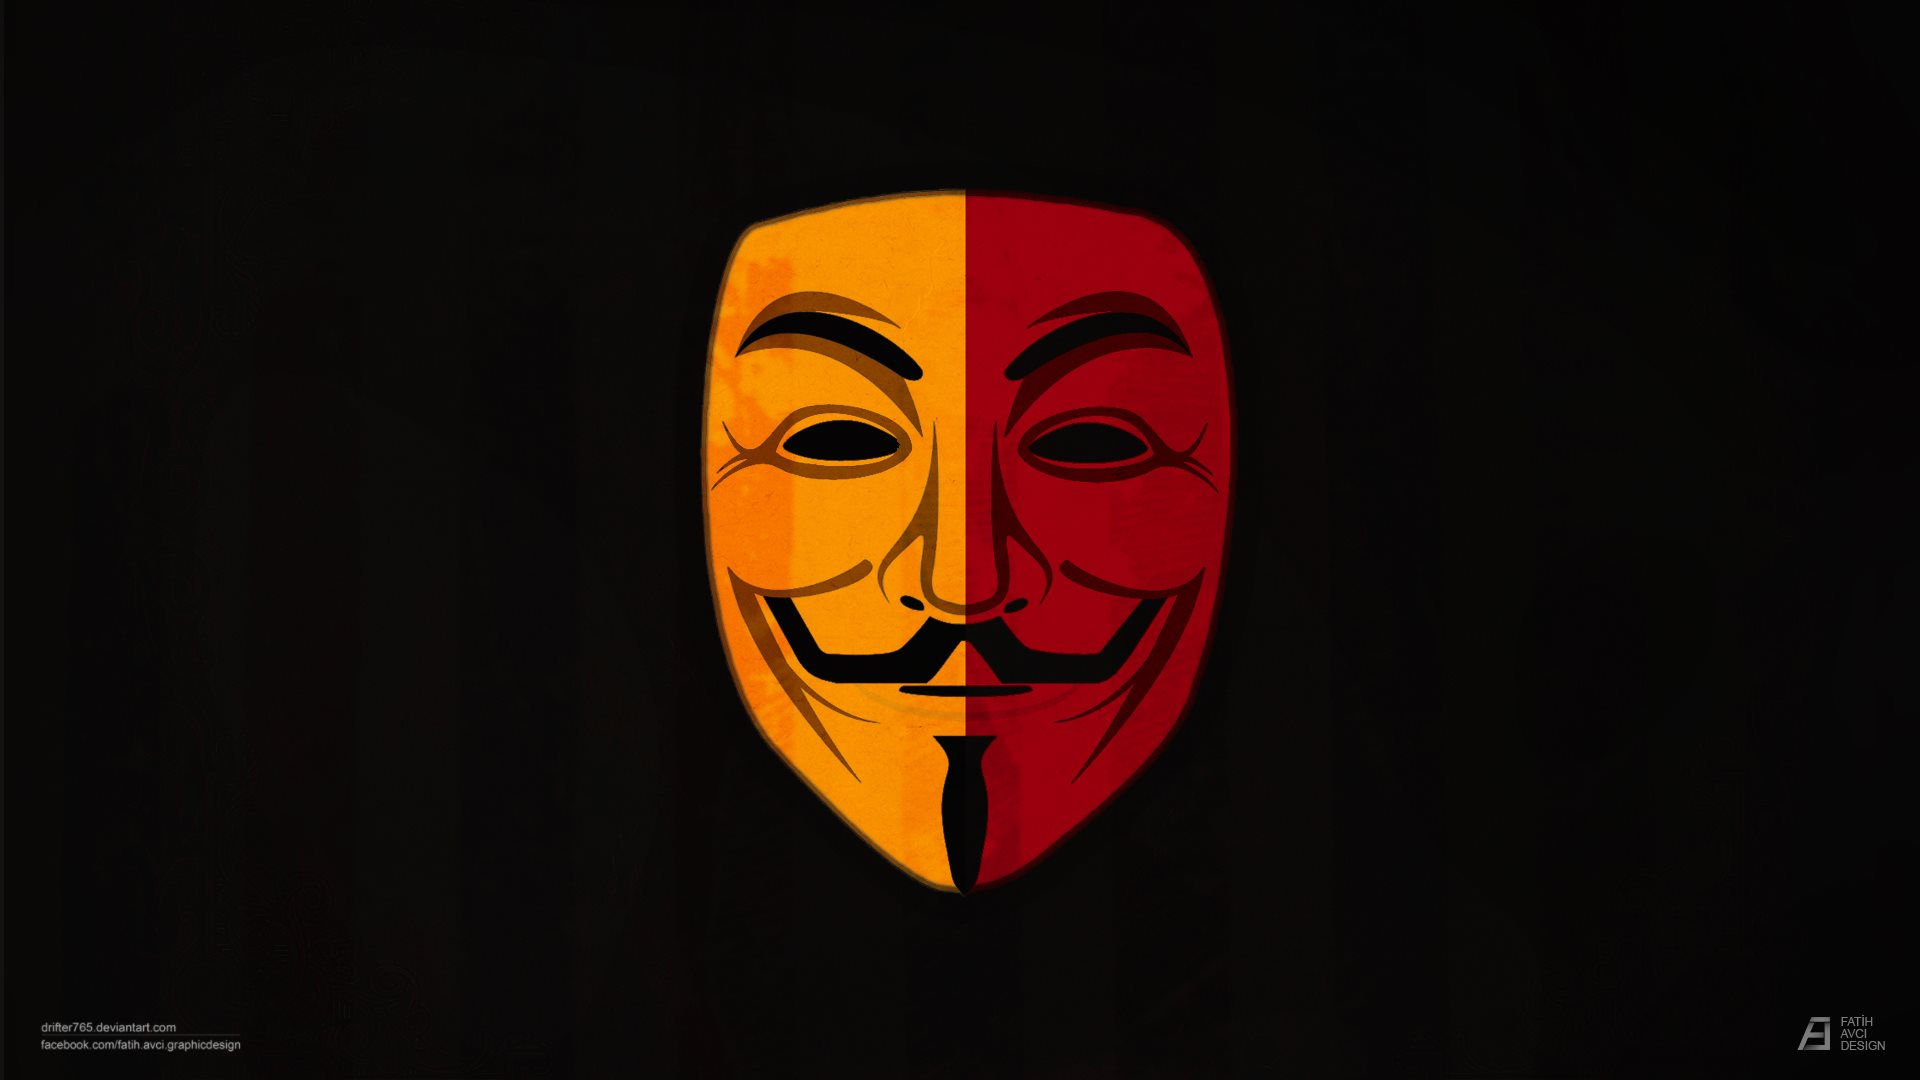 V For Vendetta Mask Wallpaper V for Vendetta ...